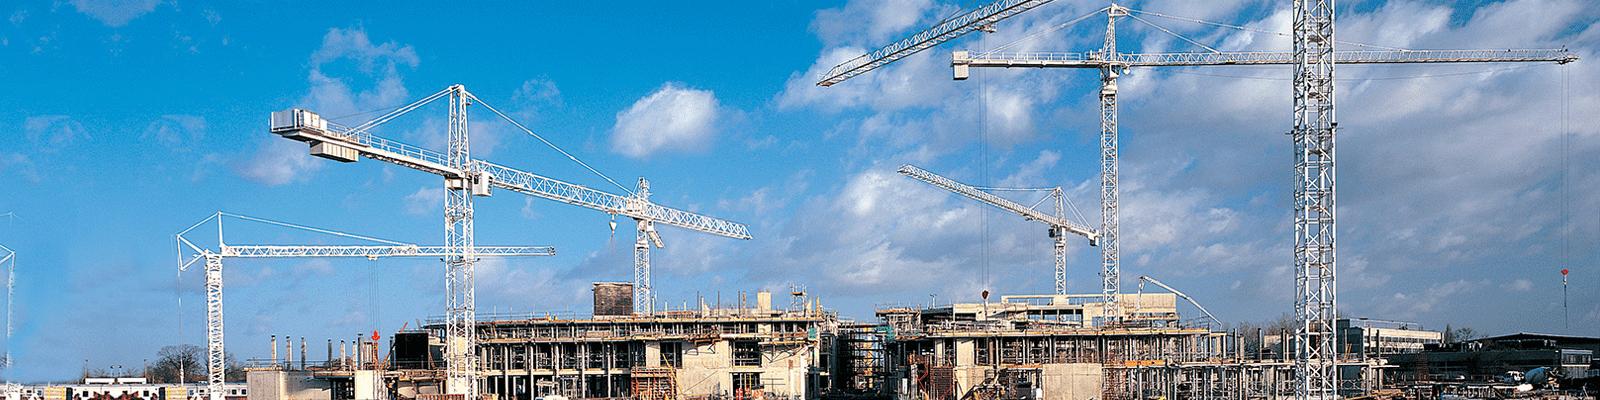 Effektive Losungen Fur Immobilien Und Baustelle